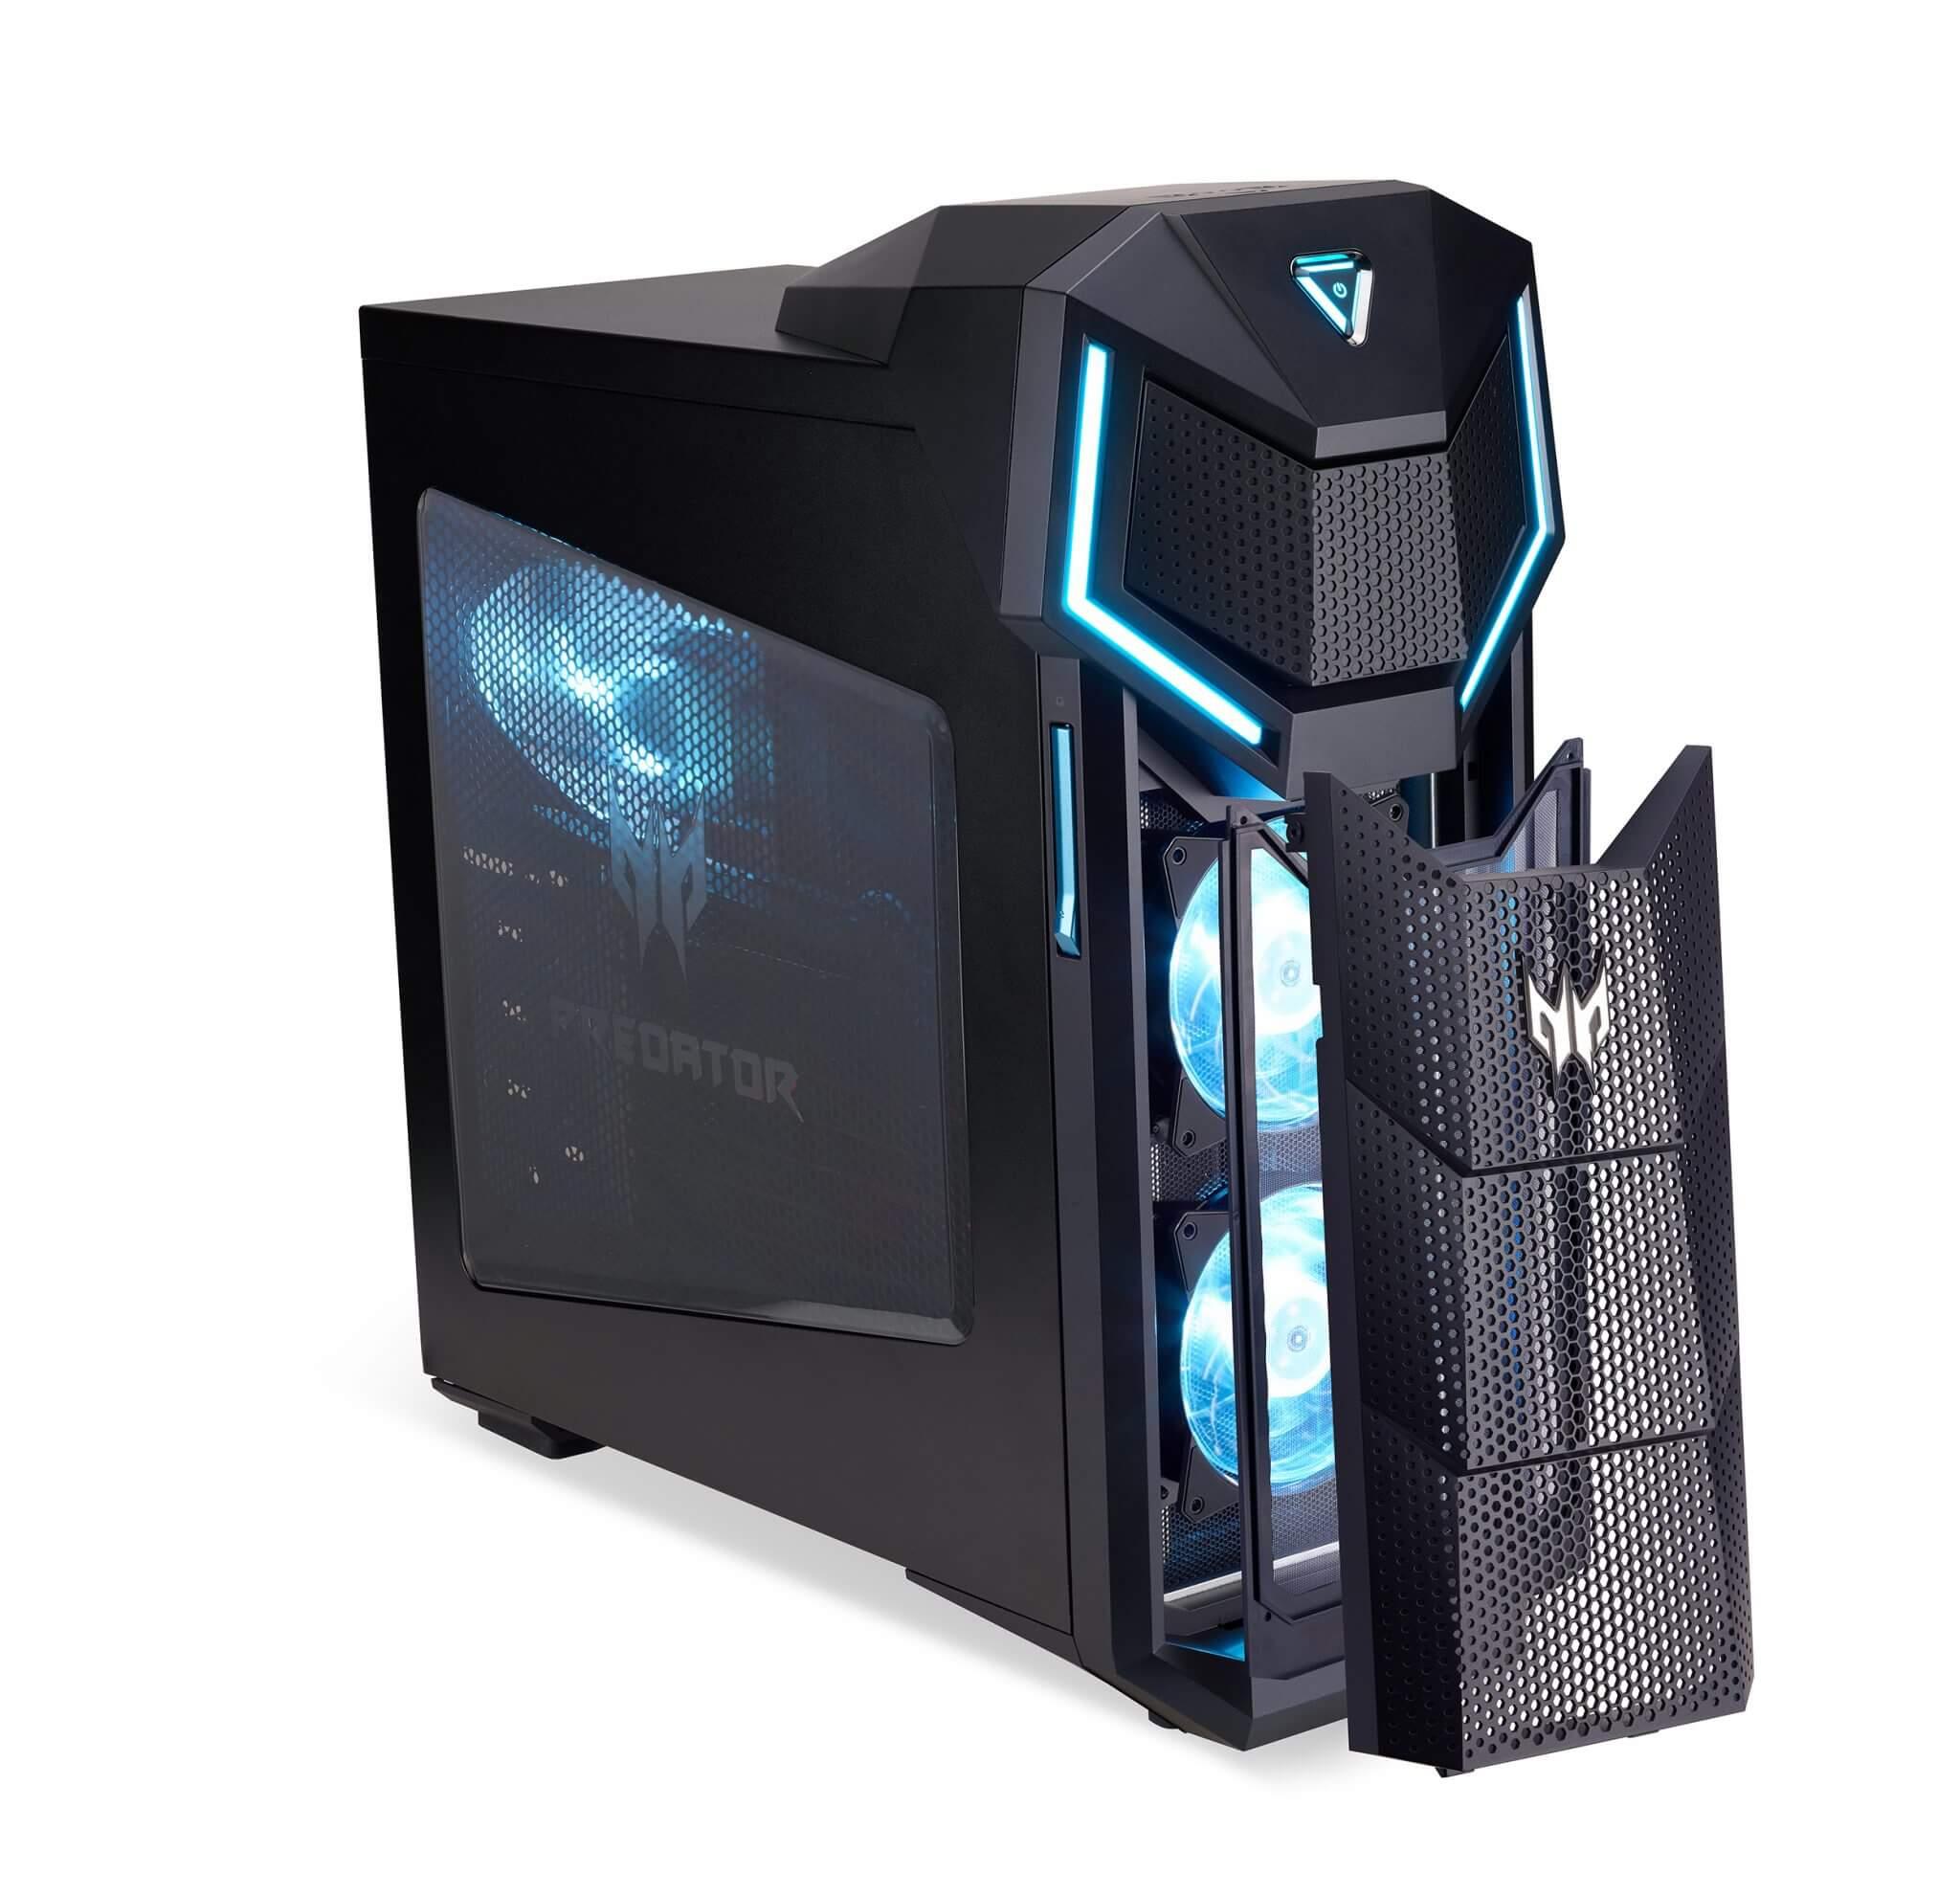 Acer anuncia Chromebooks e diversos novos produtos com foco em games